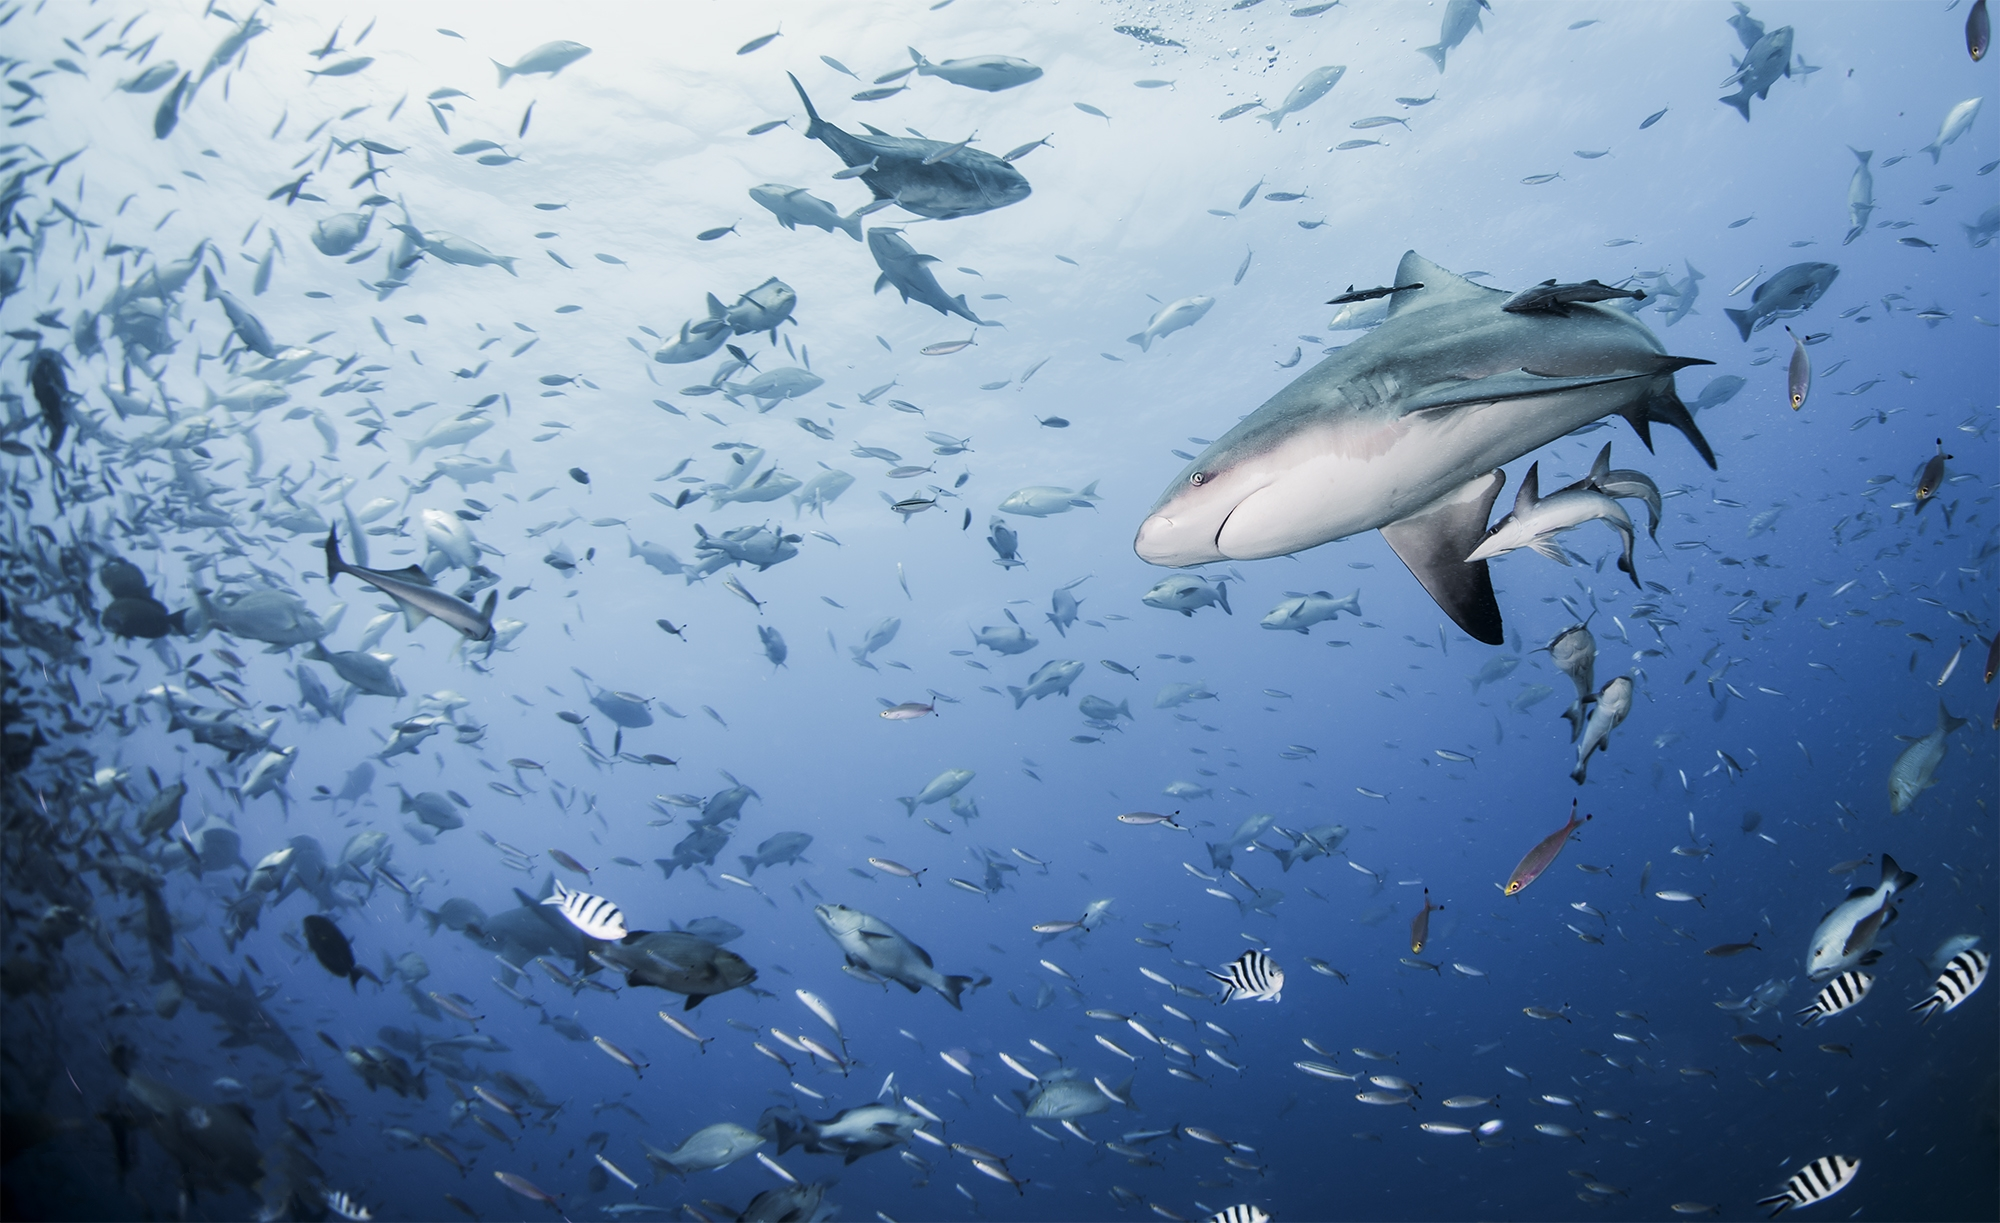 картинки акул на поверхности океана карта пер